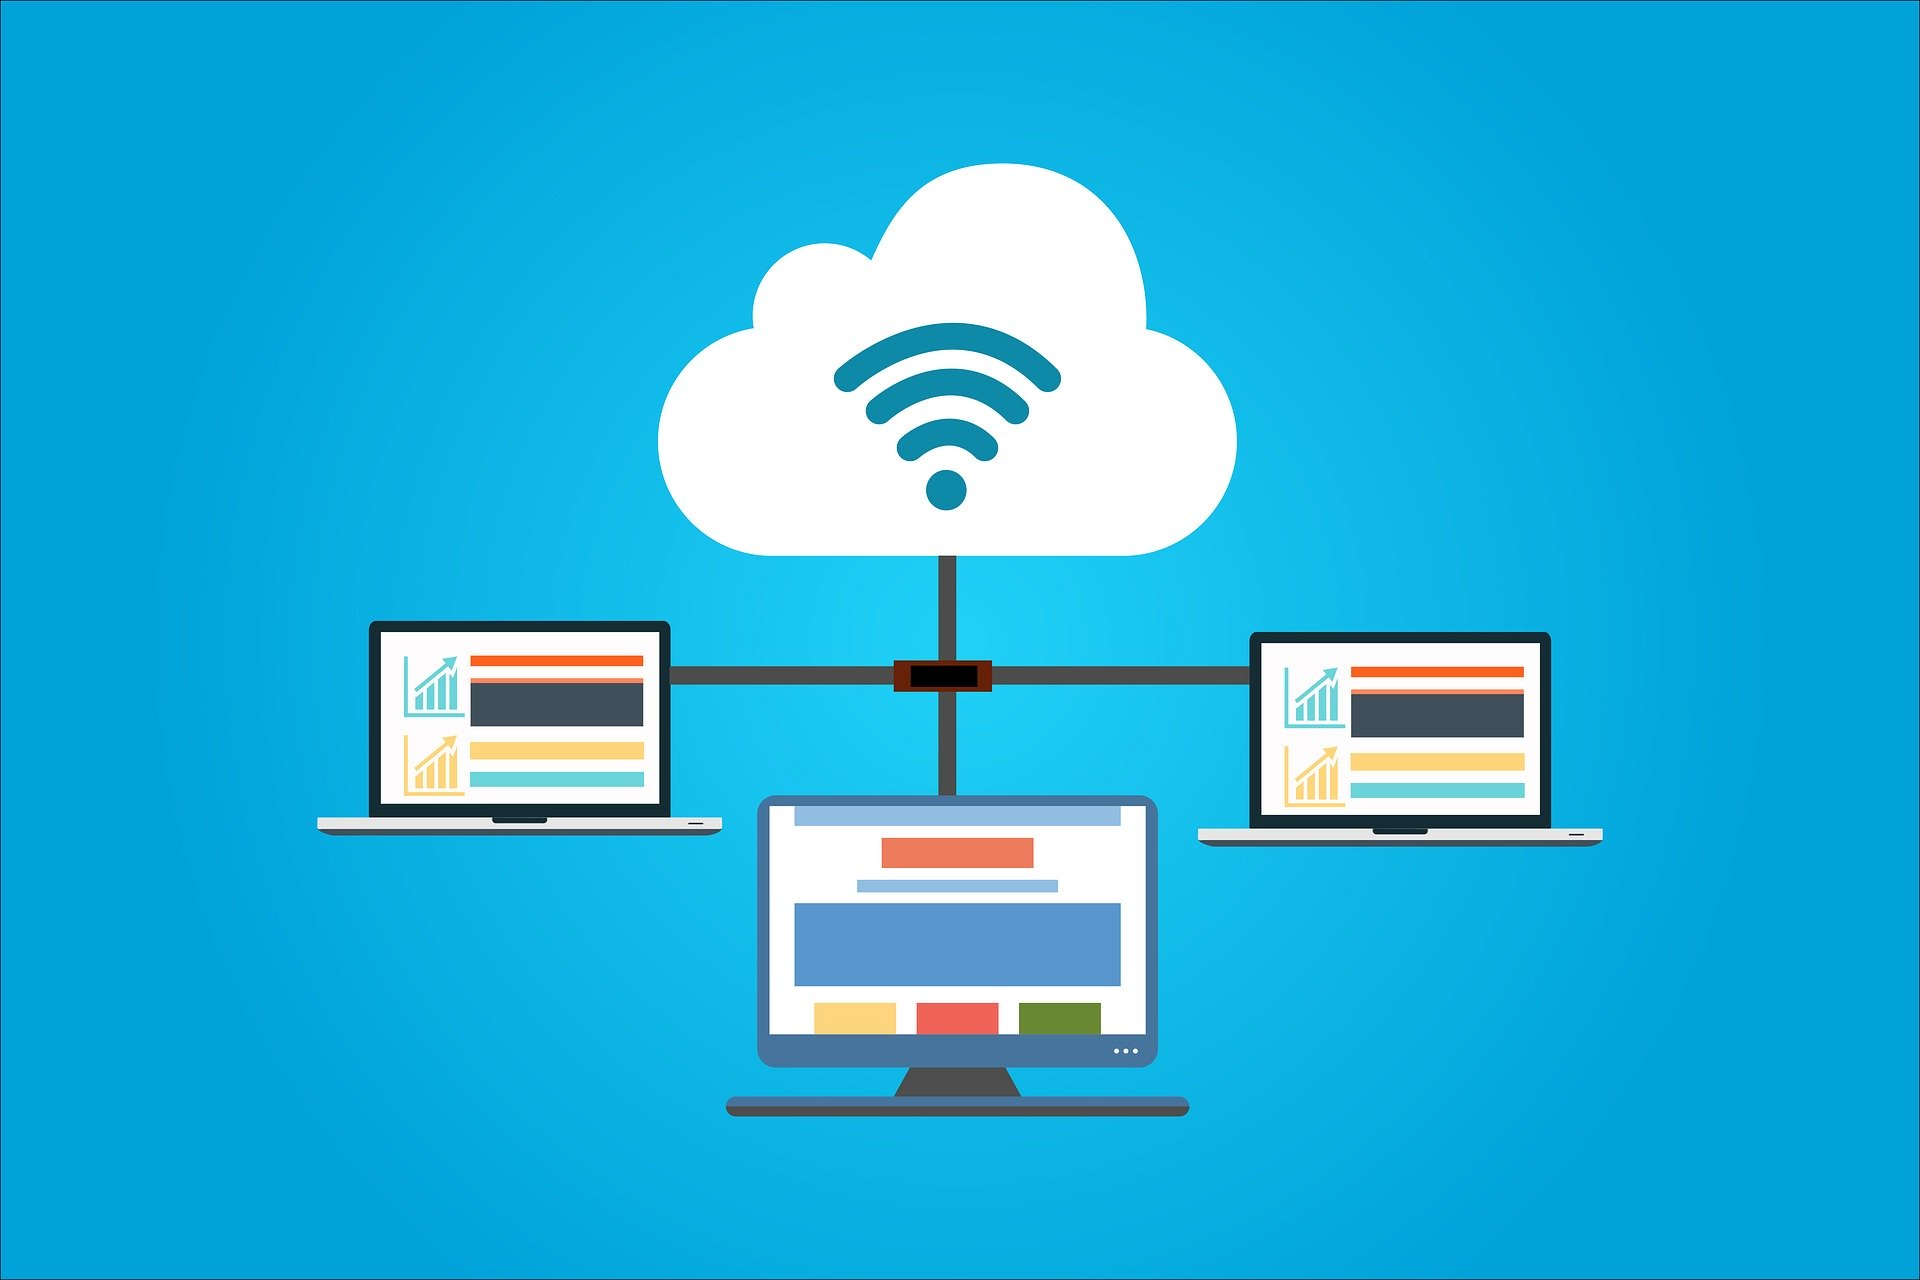 Perbedaan dalam Hosting, Server dan Domain